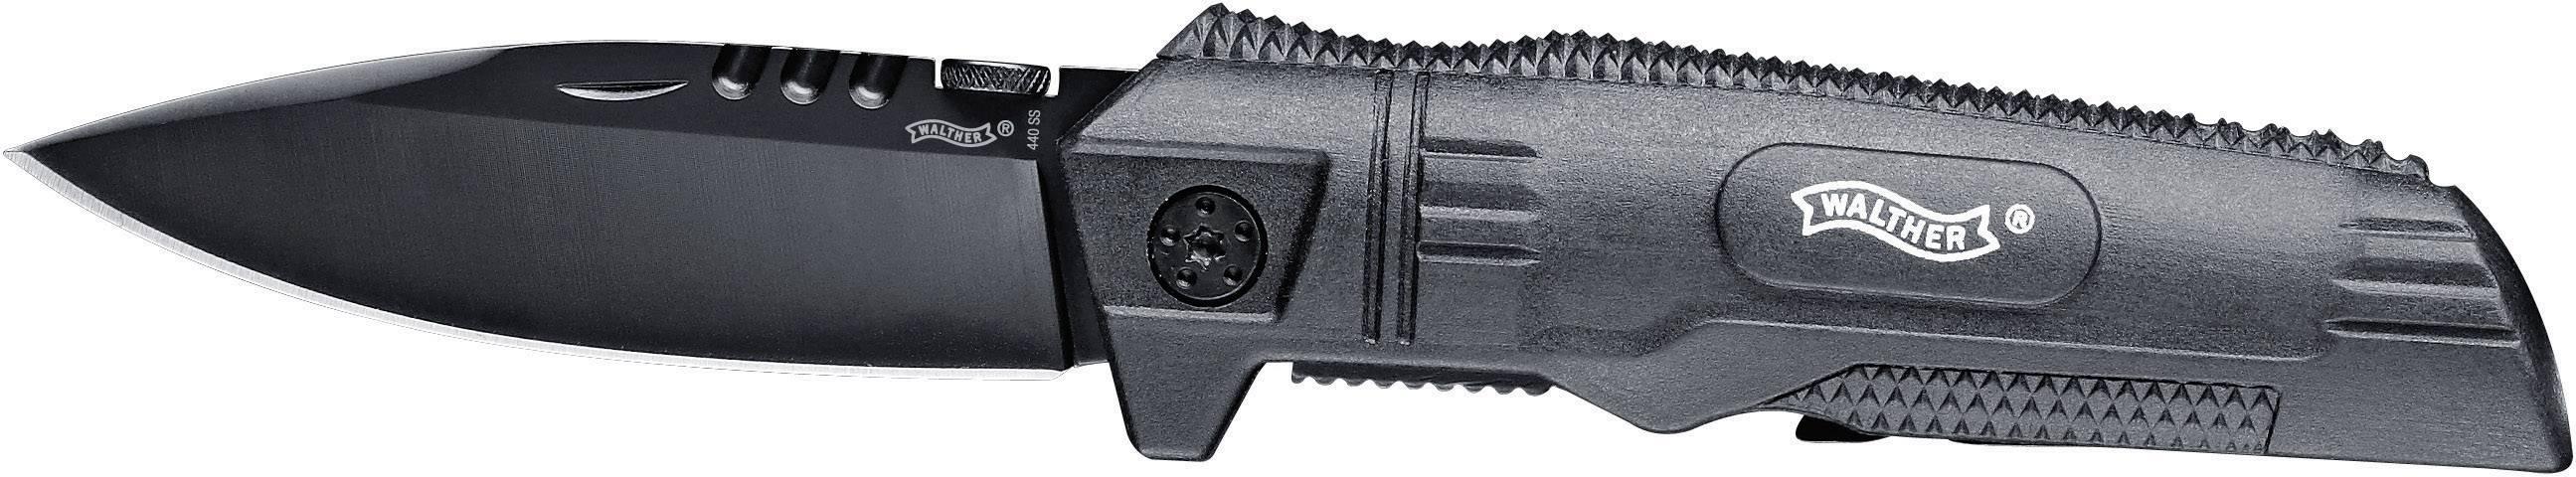 Outdoorový nôž Walther SubCompanionKnife SCK 5.0719, čierna